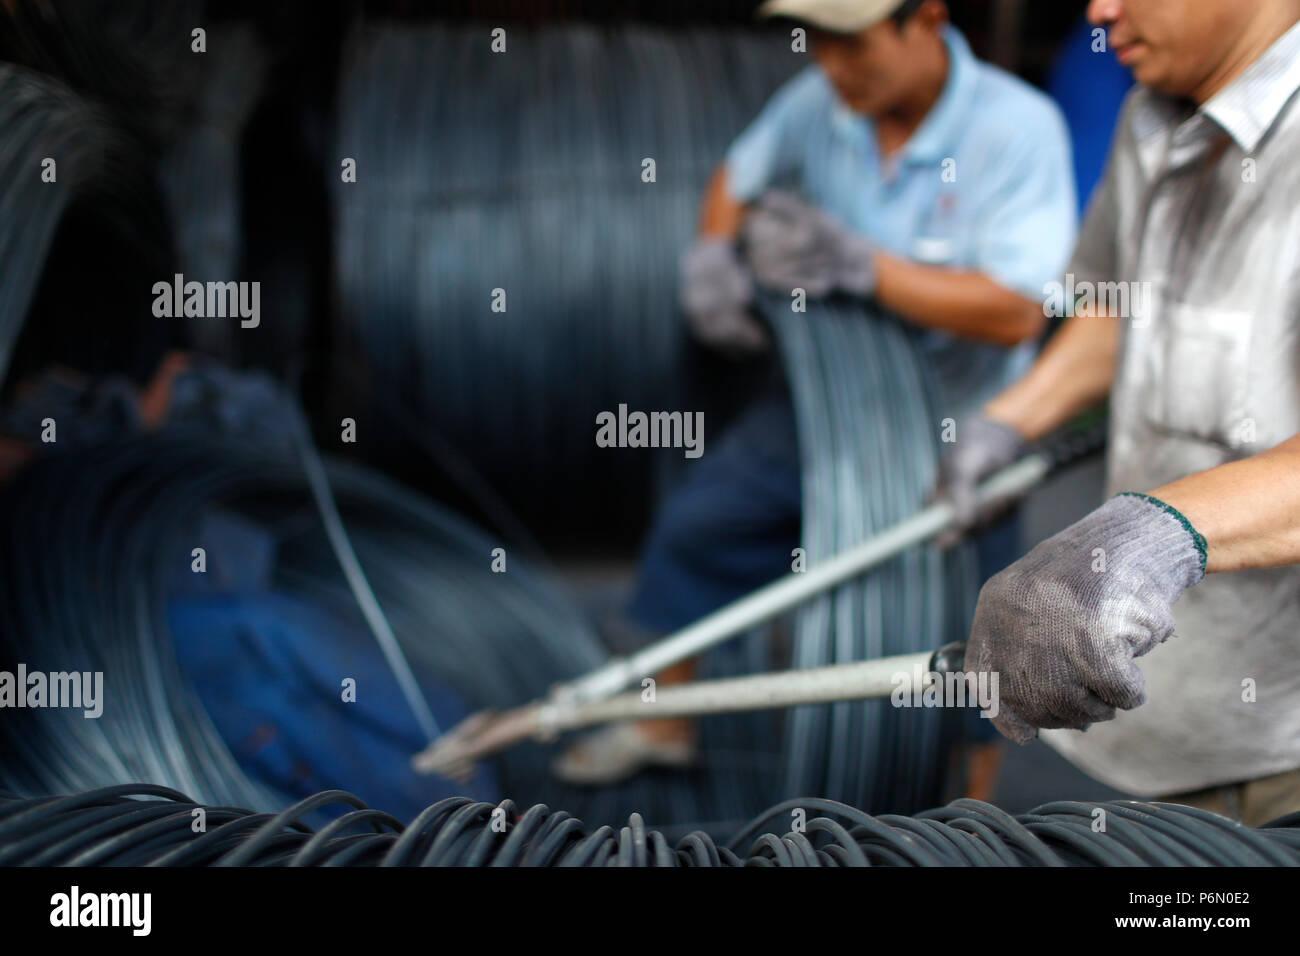 Armature en acier pour la construction d'armature pour béton industrie du bâtiment. Les travailleurs de la construction. Cai Be. Le Vietnam. Photo Stock